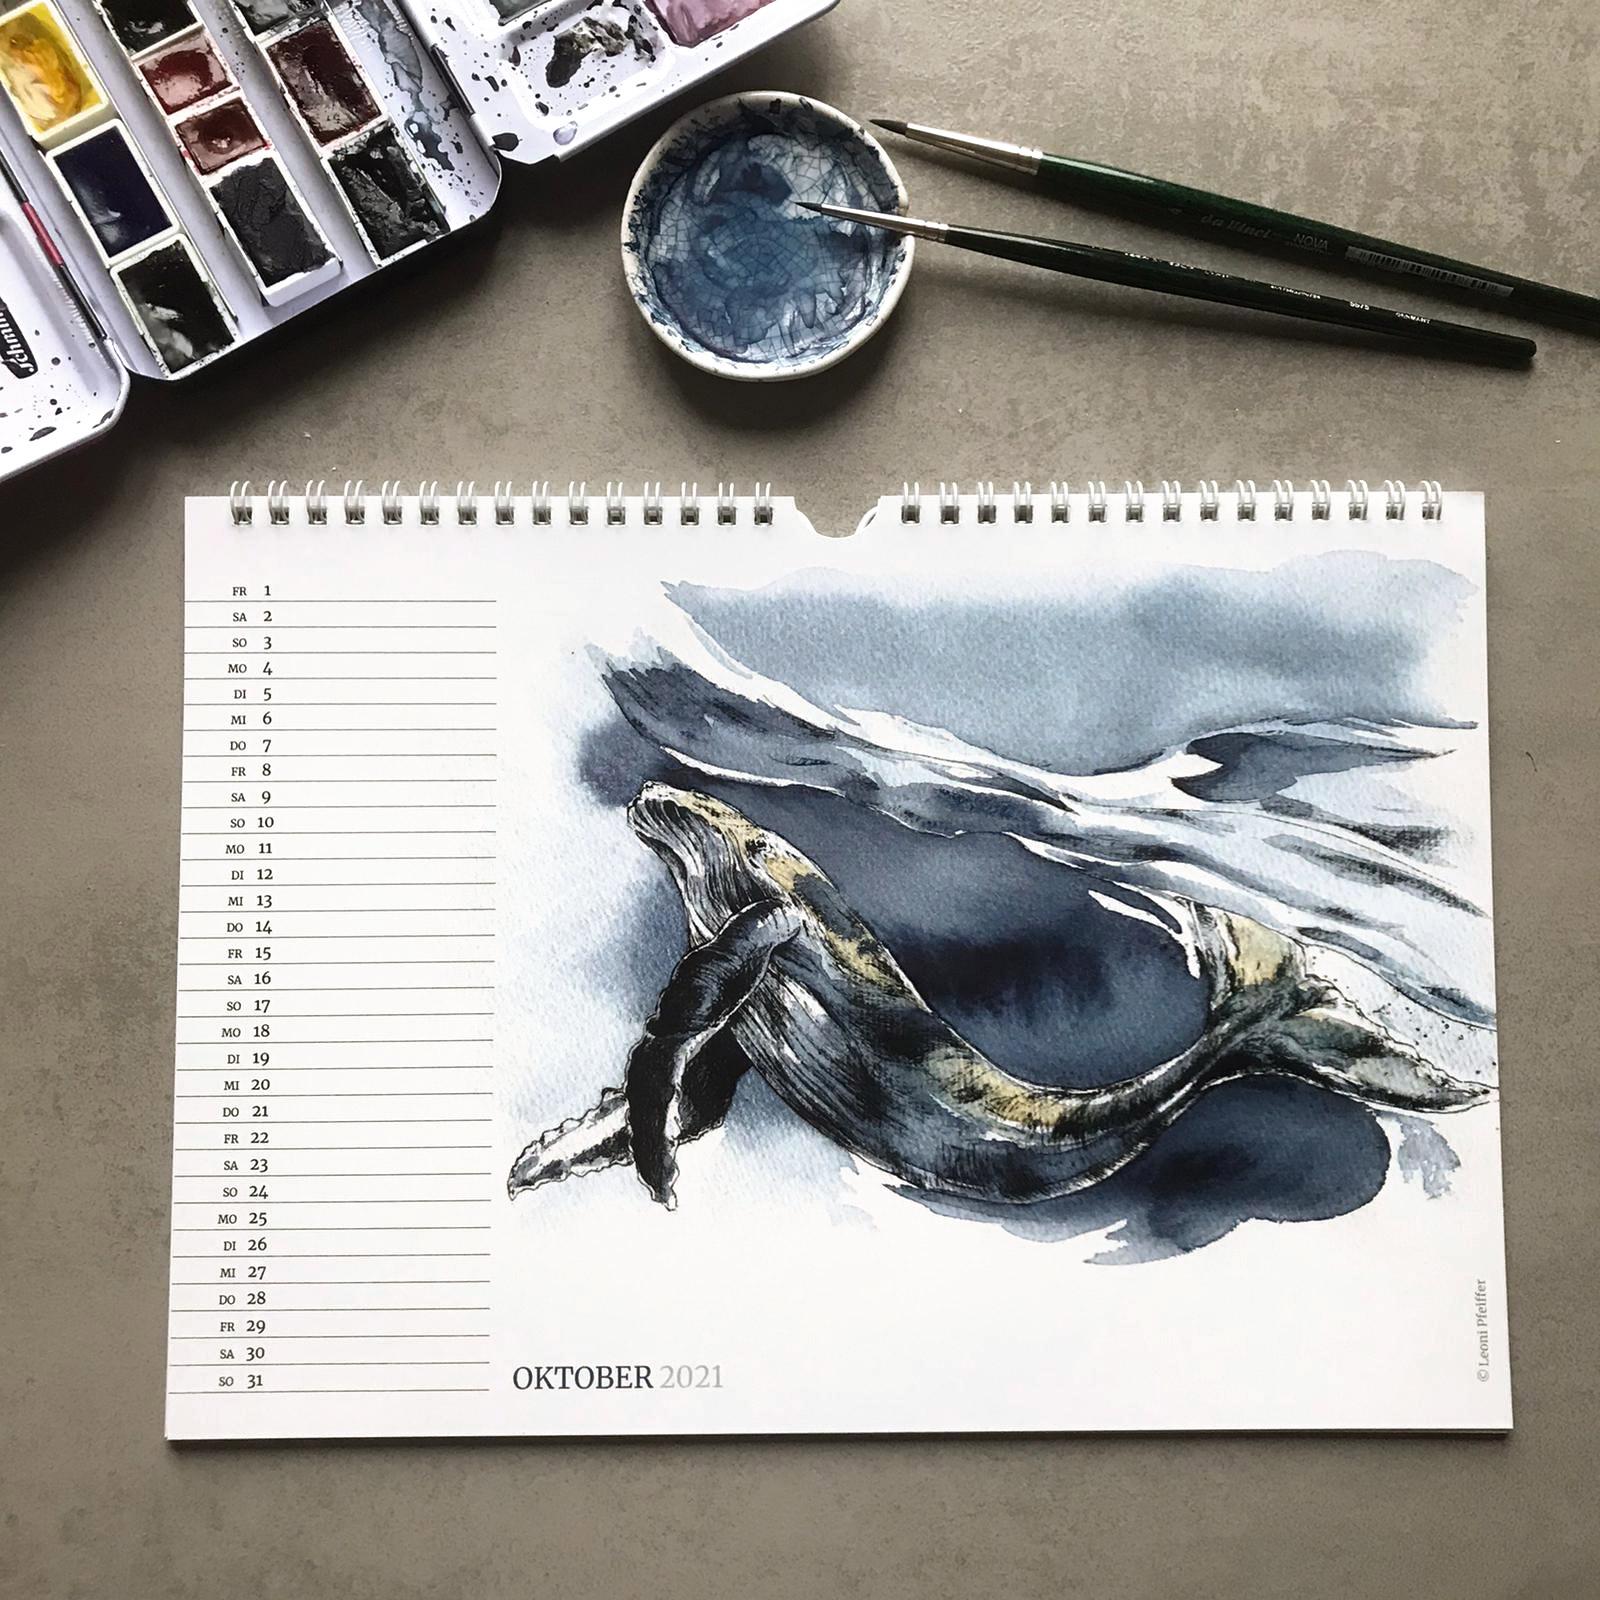 Kalenderblatt Oktober - der Tanz unter den Wellen des Buckelwales